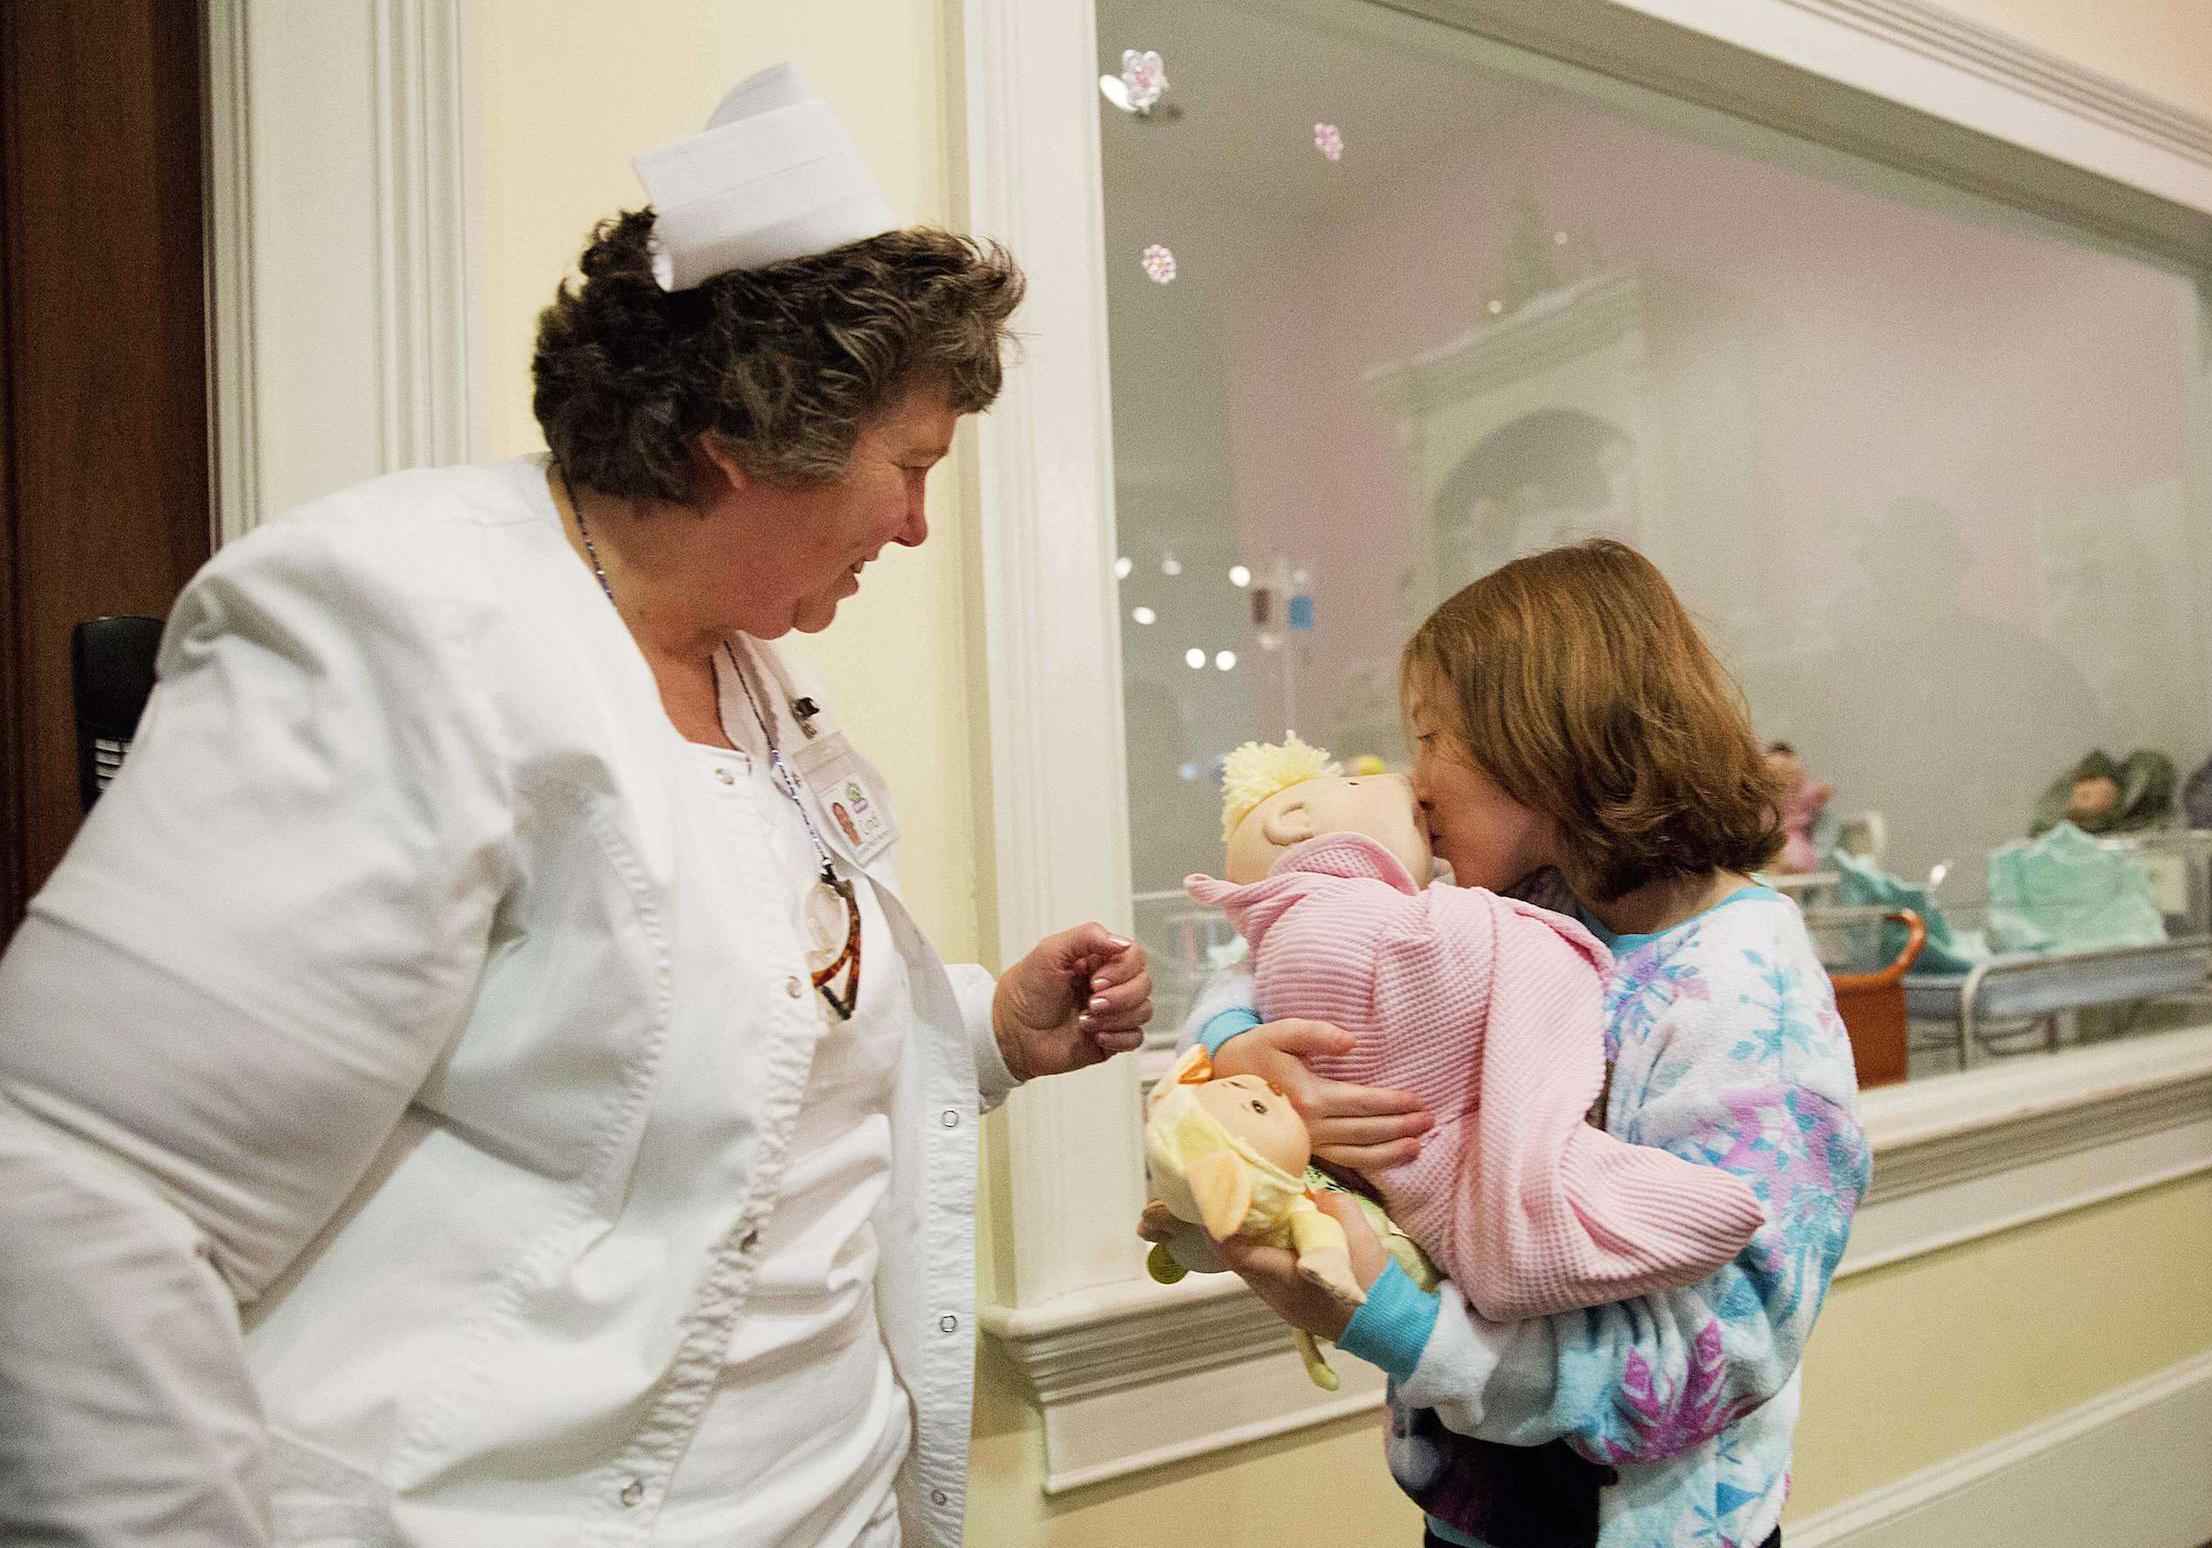 un enfant malade et orphelin adopt par son infirmi re elle. Black Bedroom Furniture Sets. Home Design Ideas